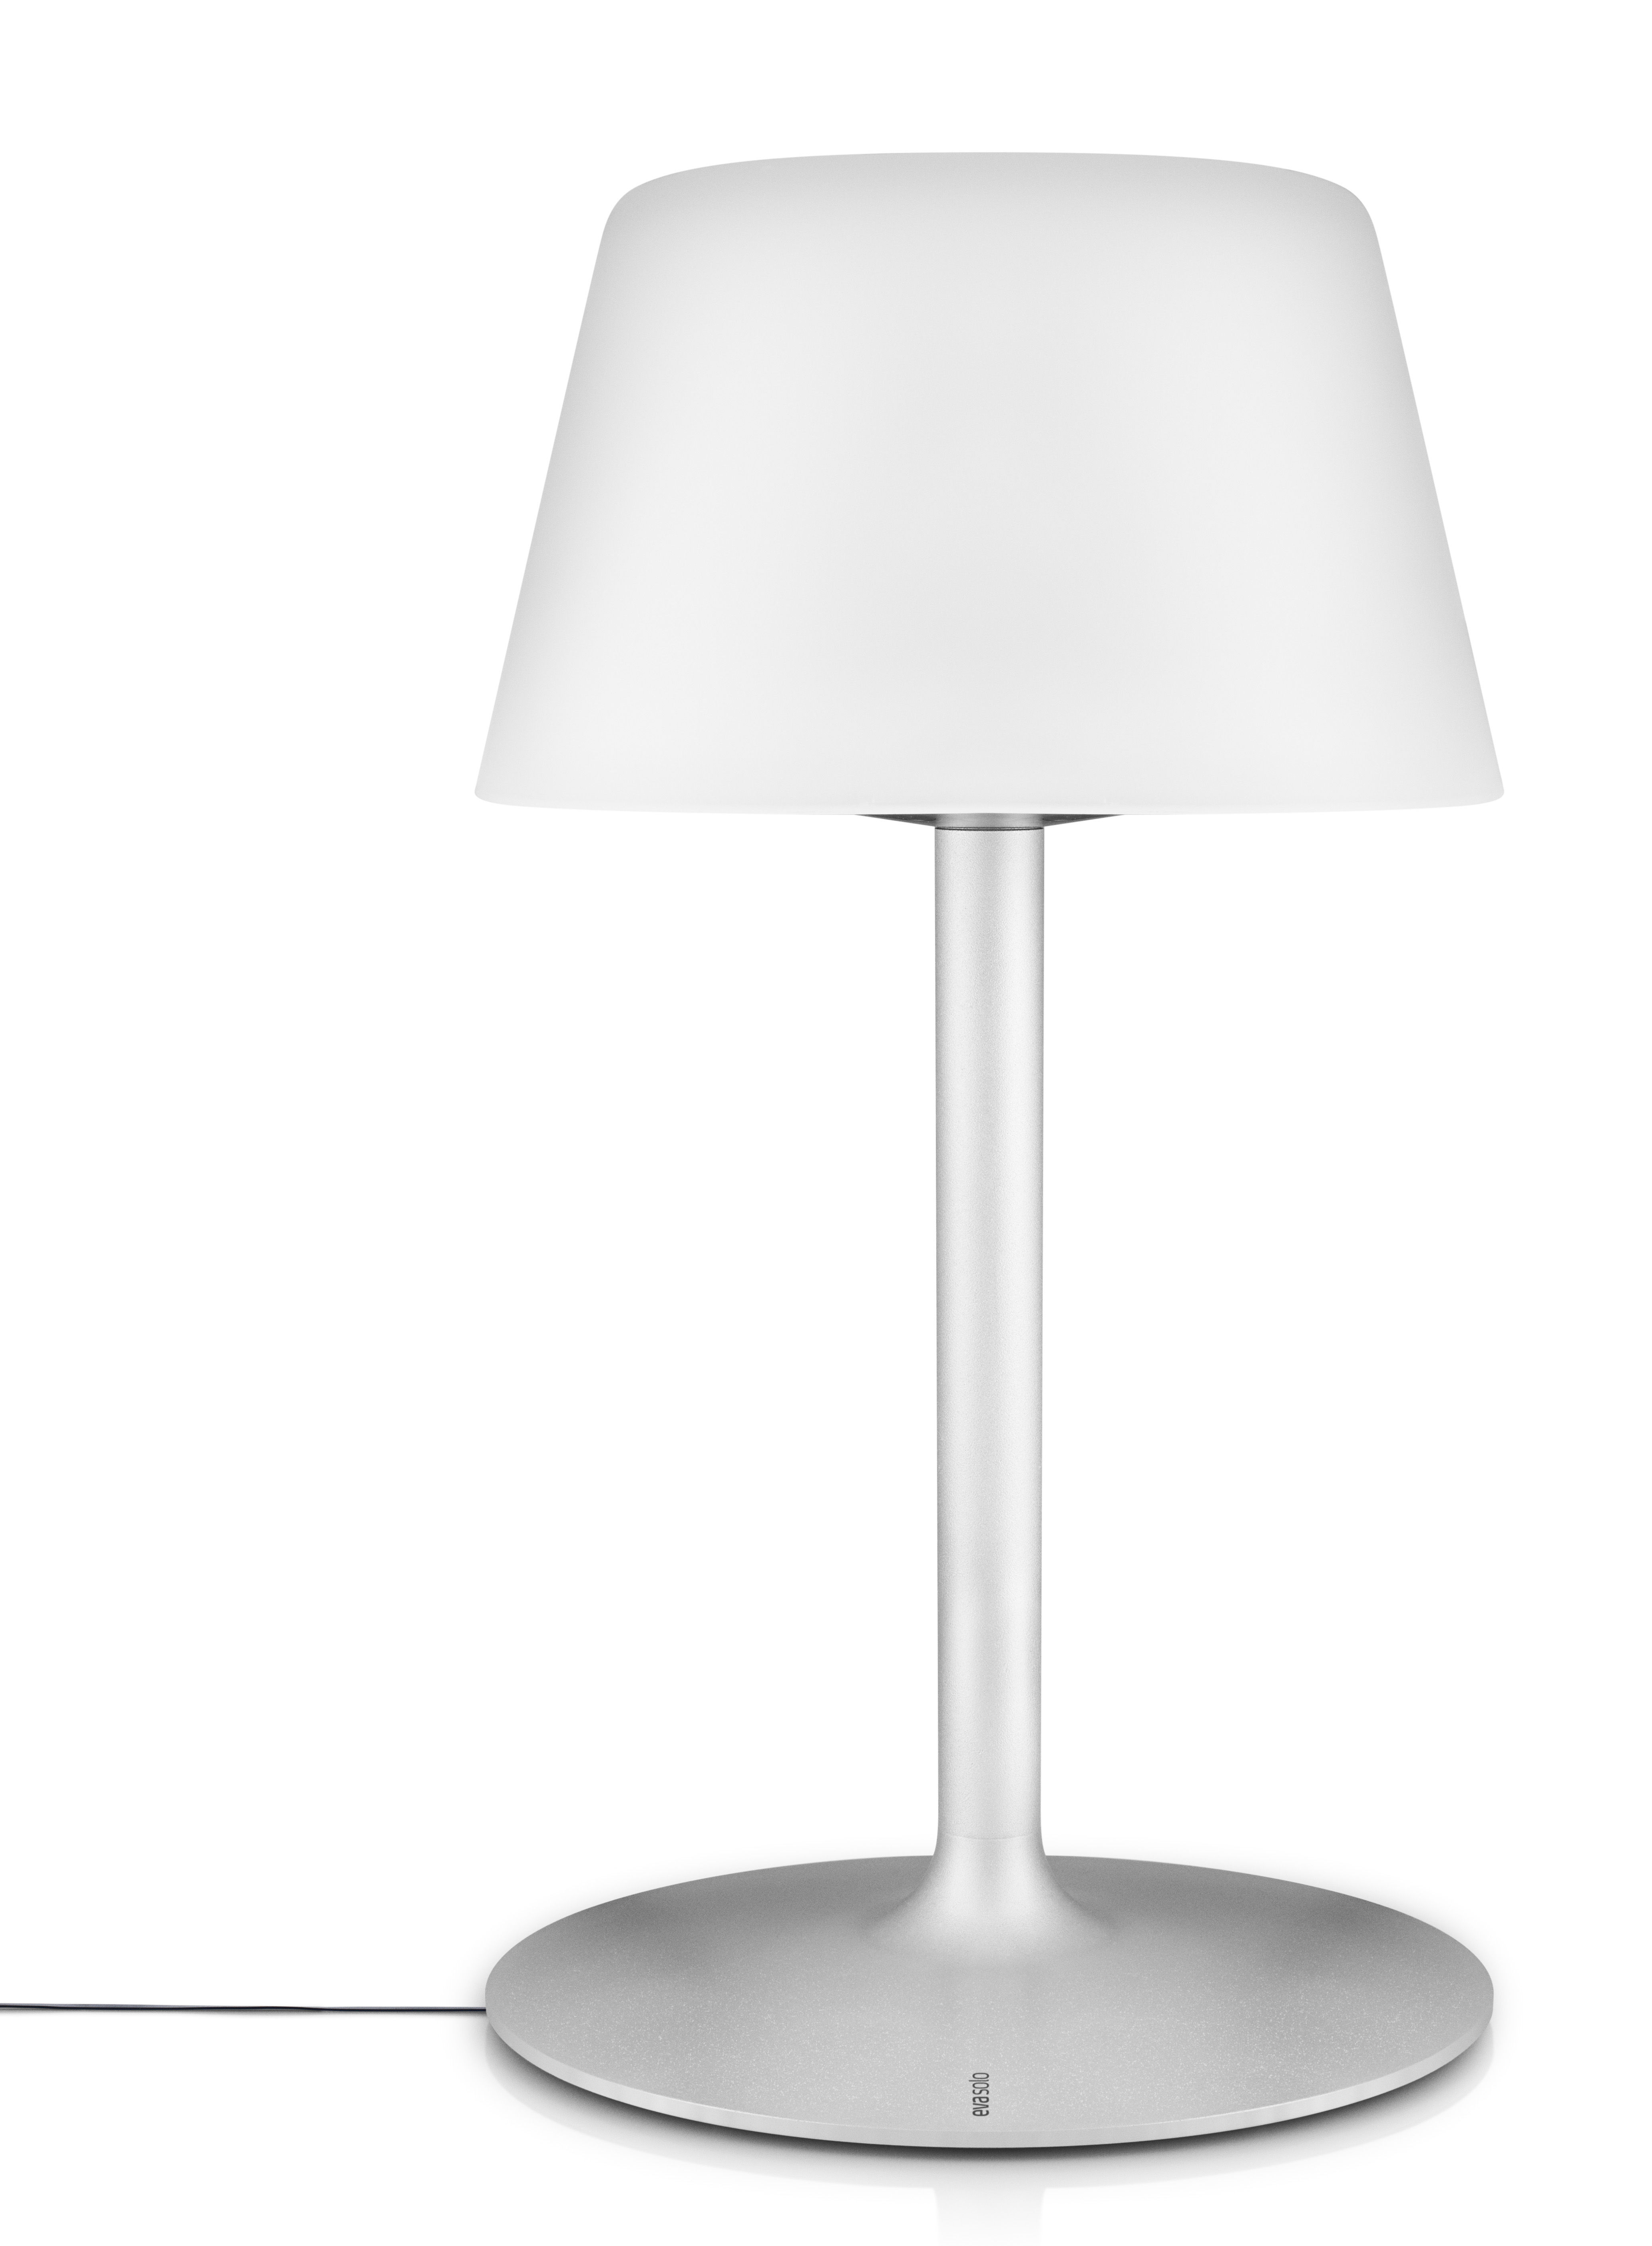 Recharger Lampe Solaire Sans Soleil lampe solaire sunlight large / sans fil - h 50 cm large - blanc